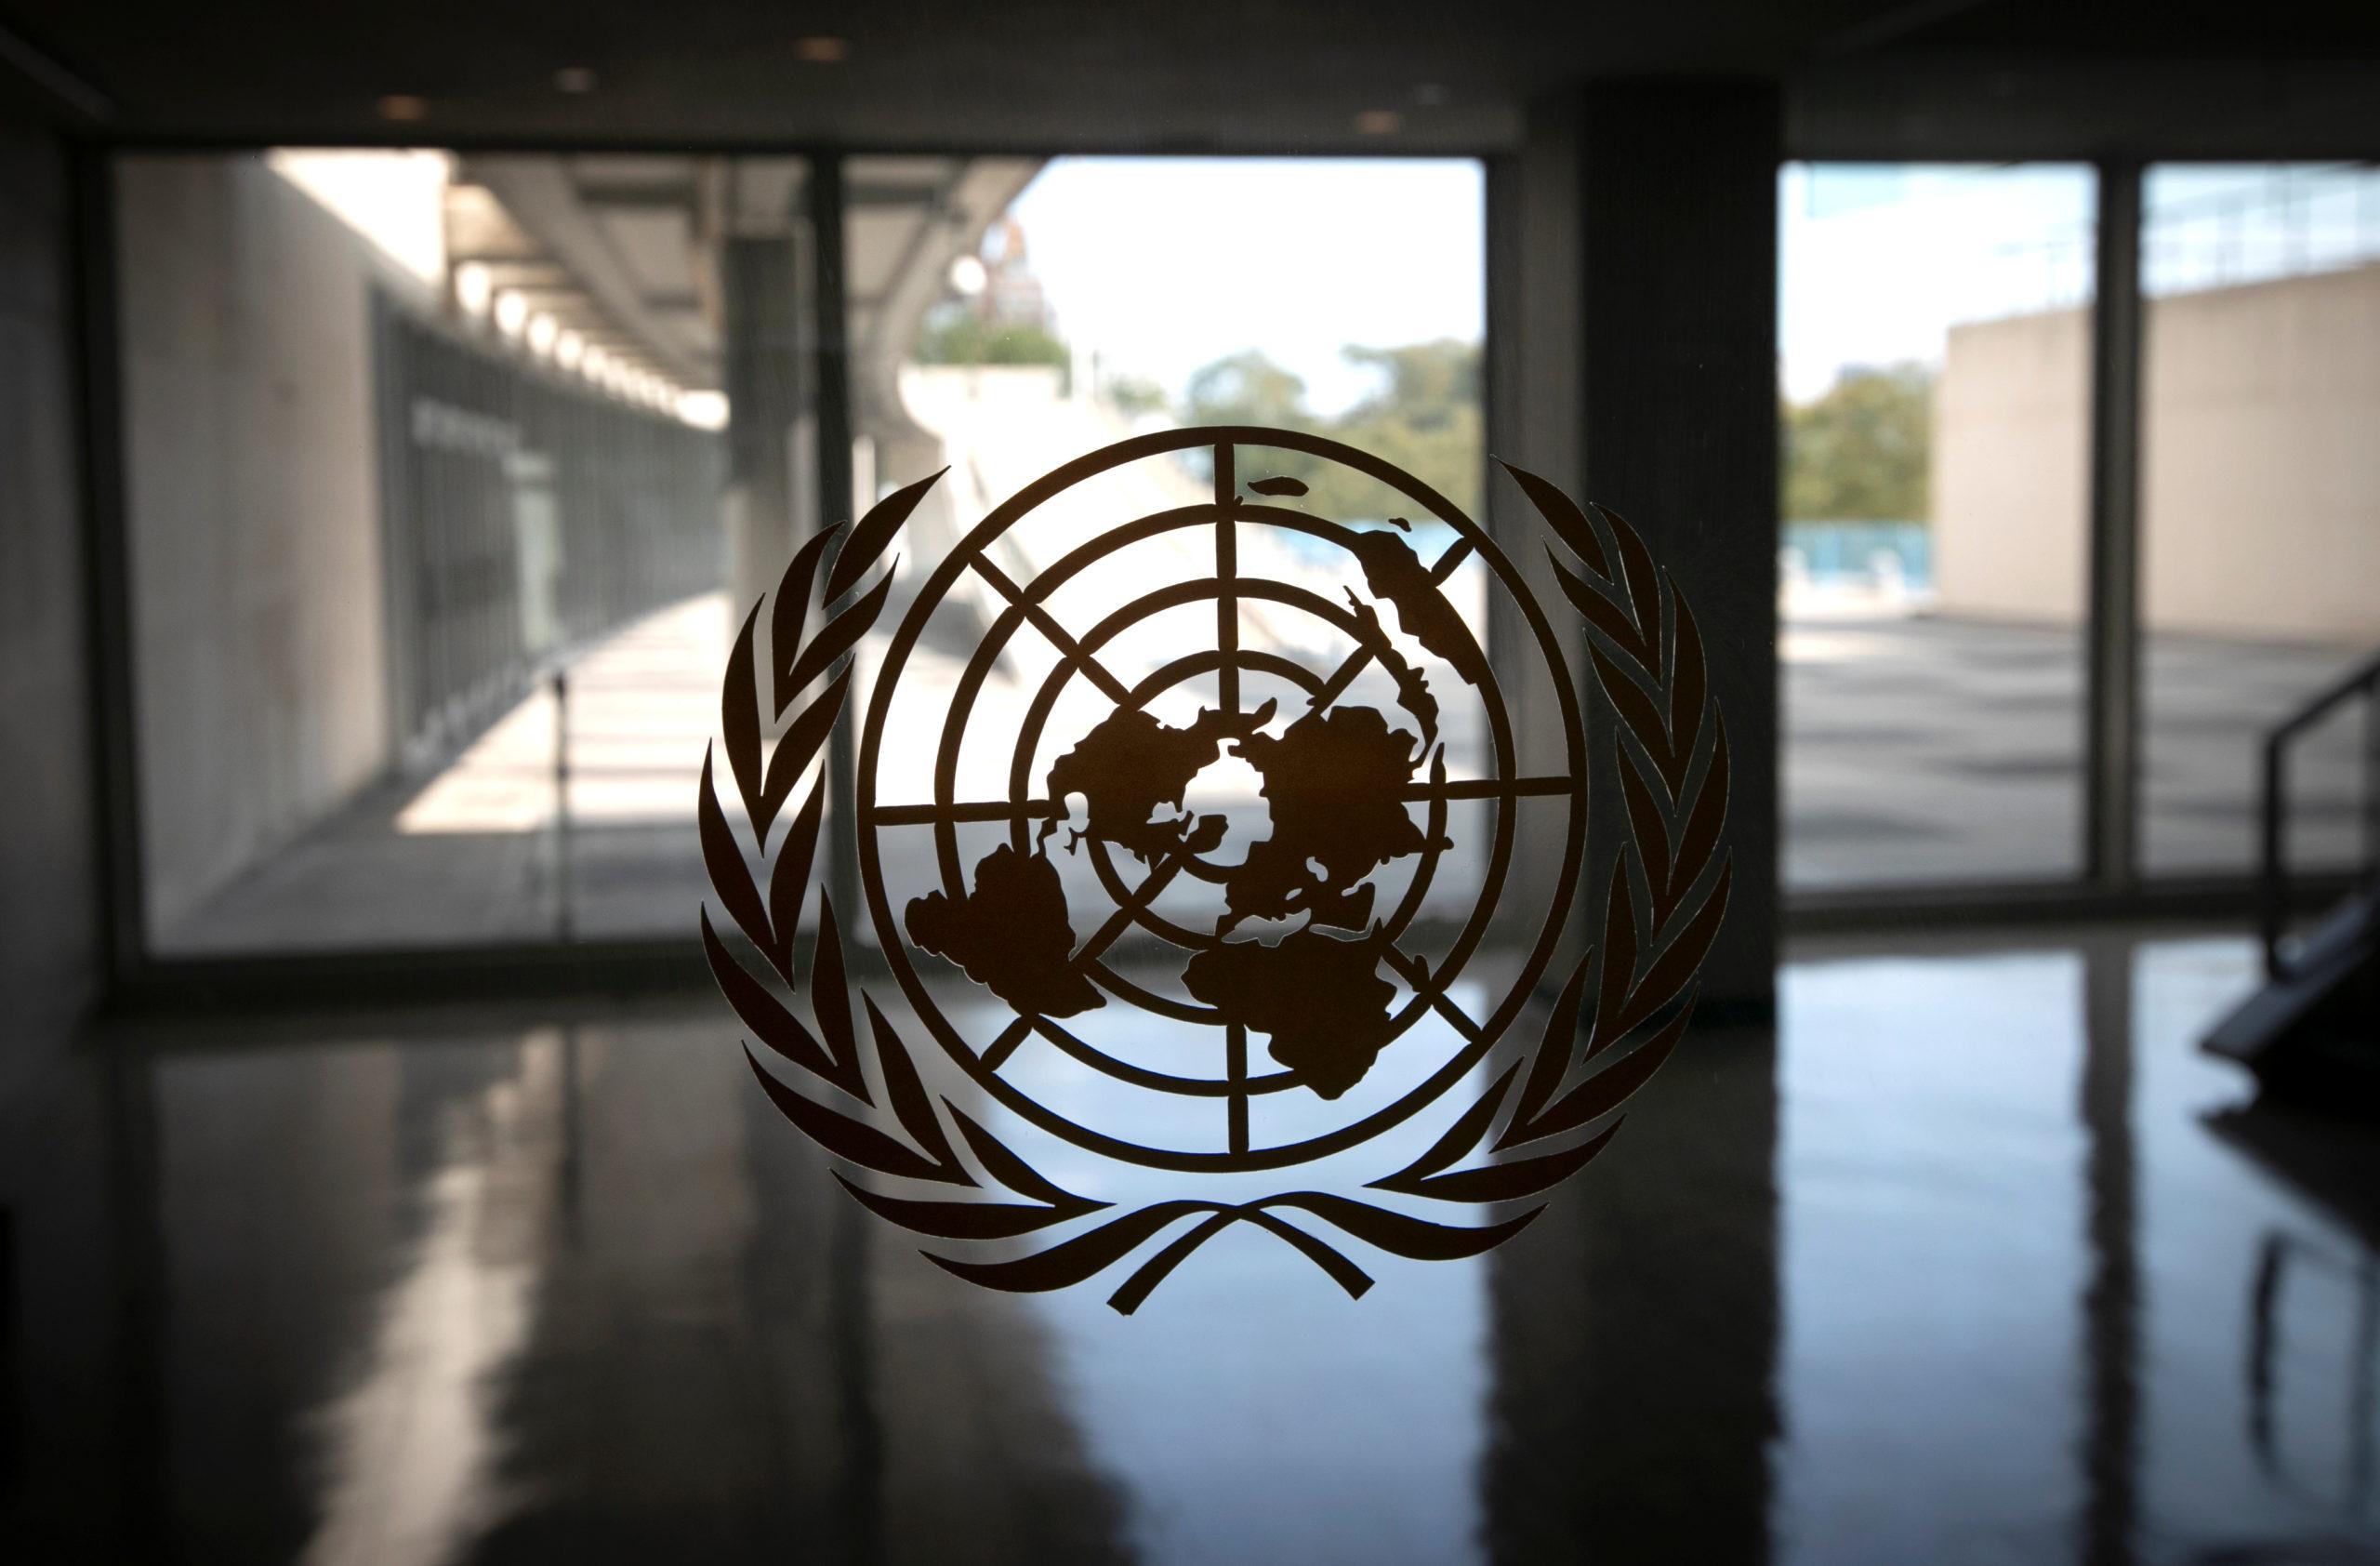 Amérique centrale: Augmentation du nombre de personnes souffrant de la faim, rapporte l'ONU